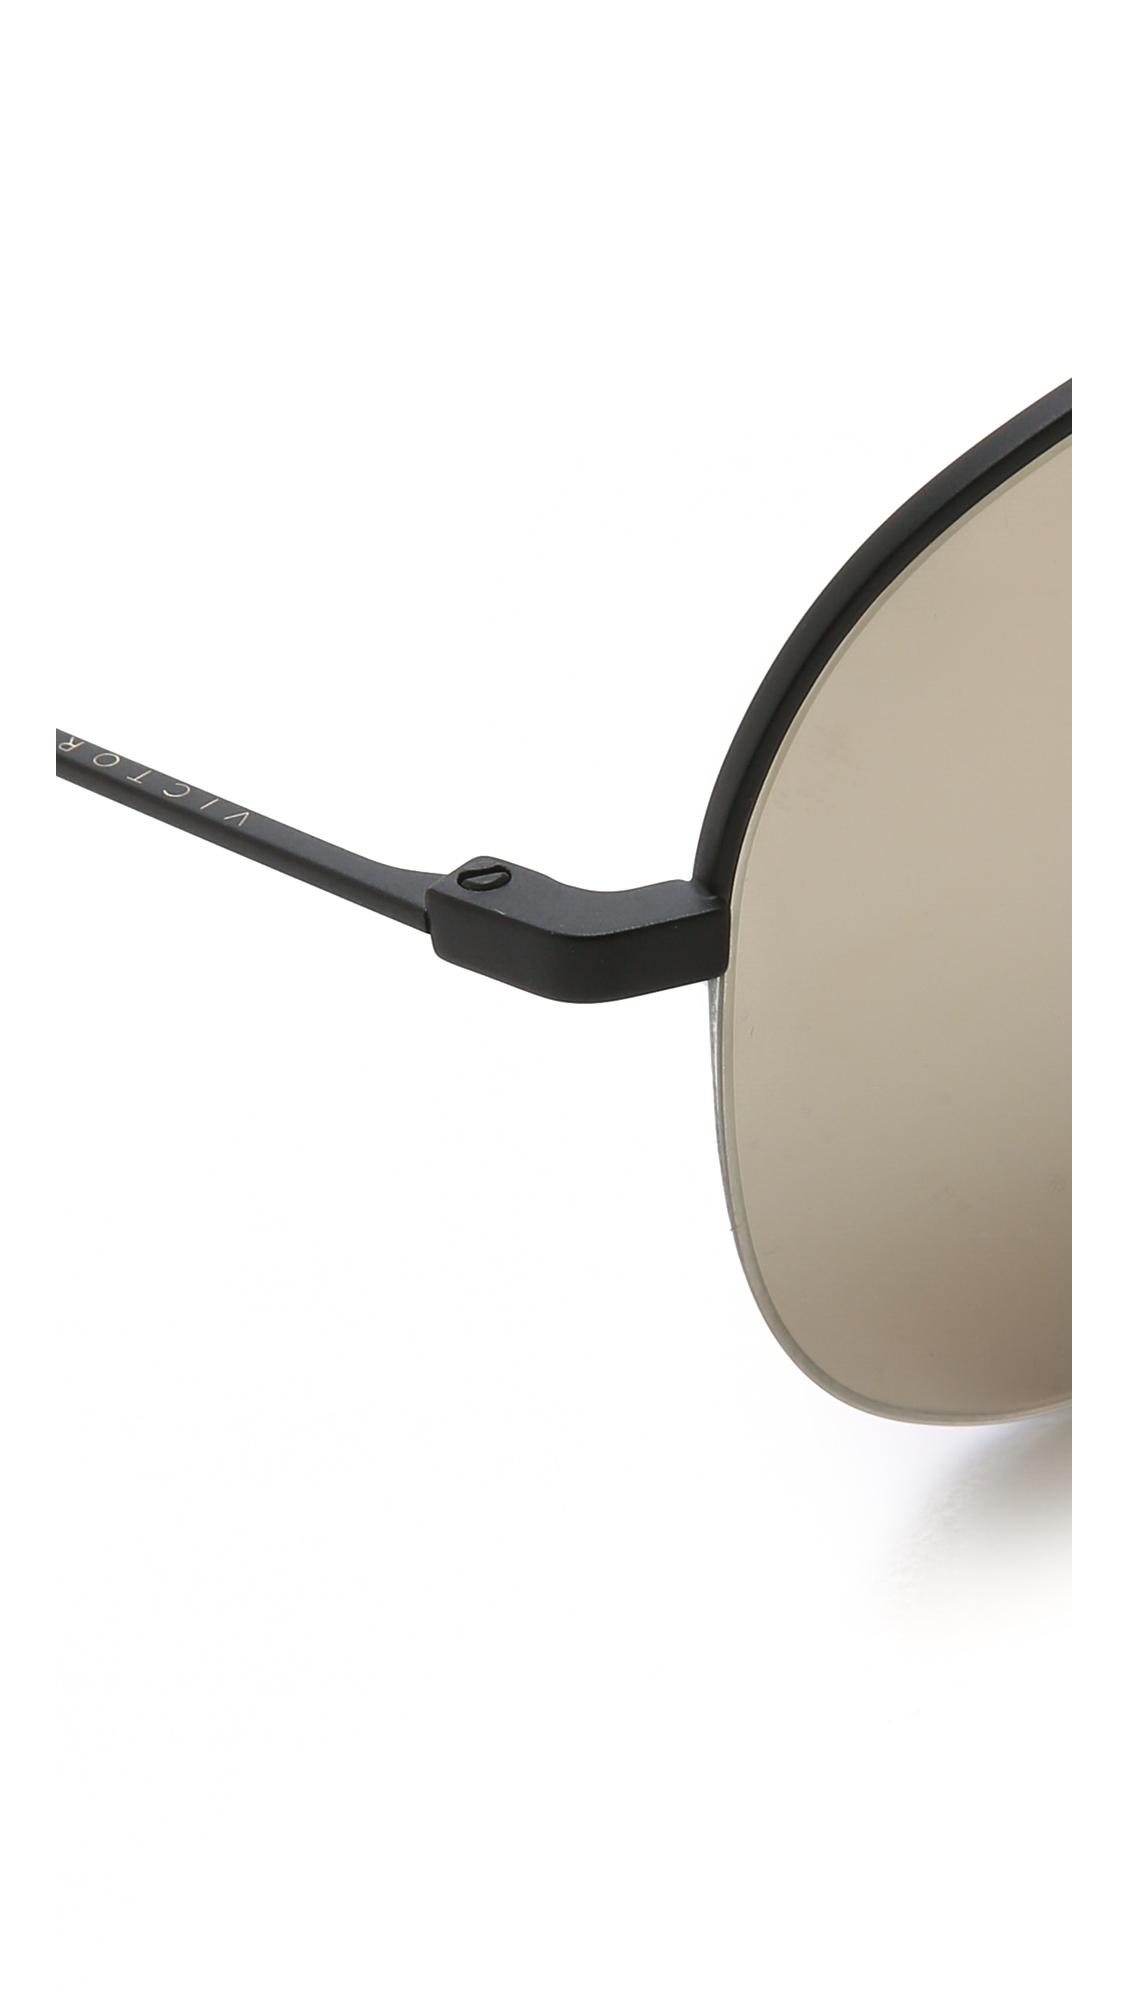 40d28a403fa7 Victoria Beckham Classic Victoria Sunglasses